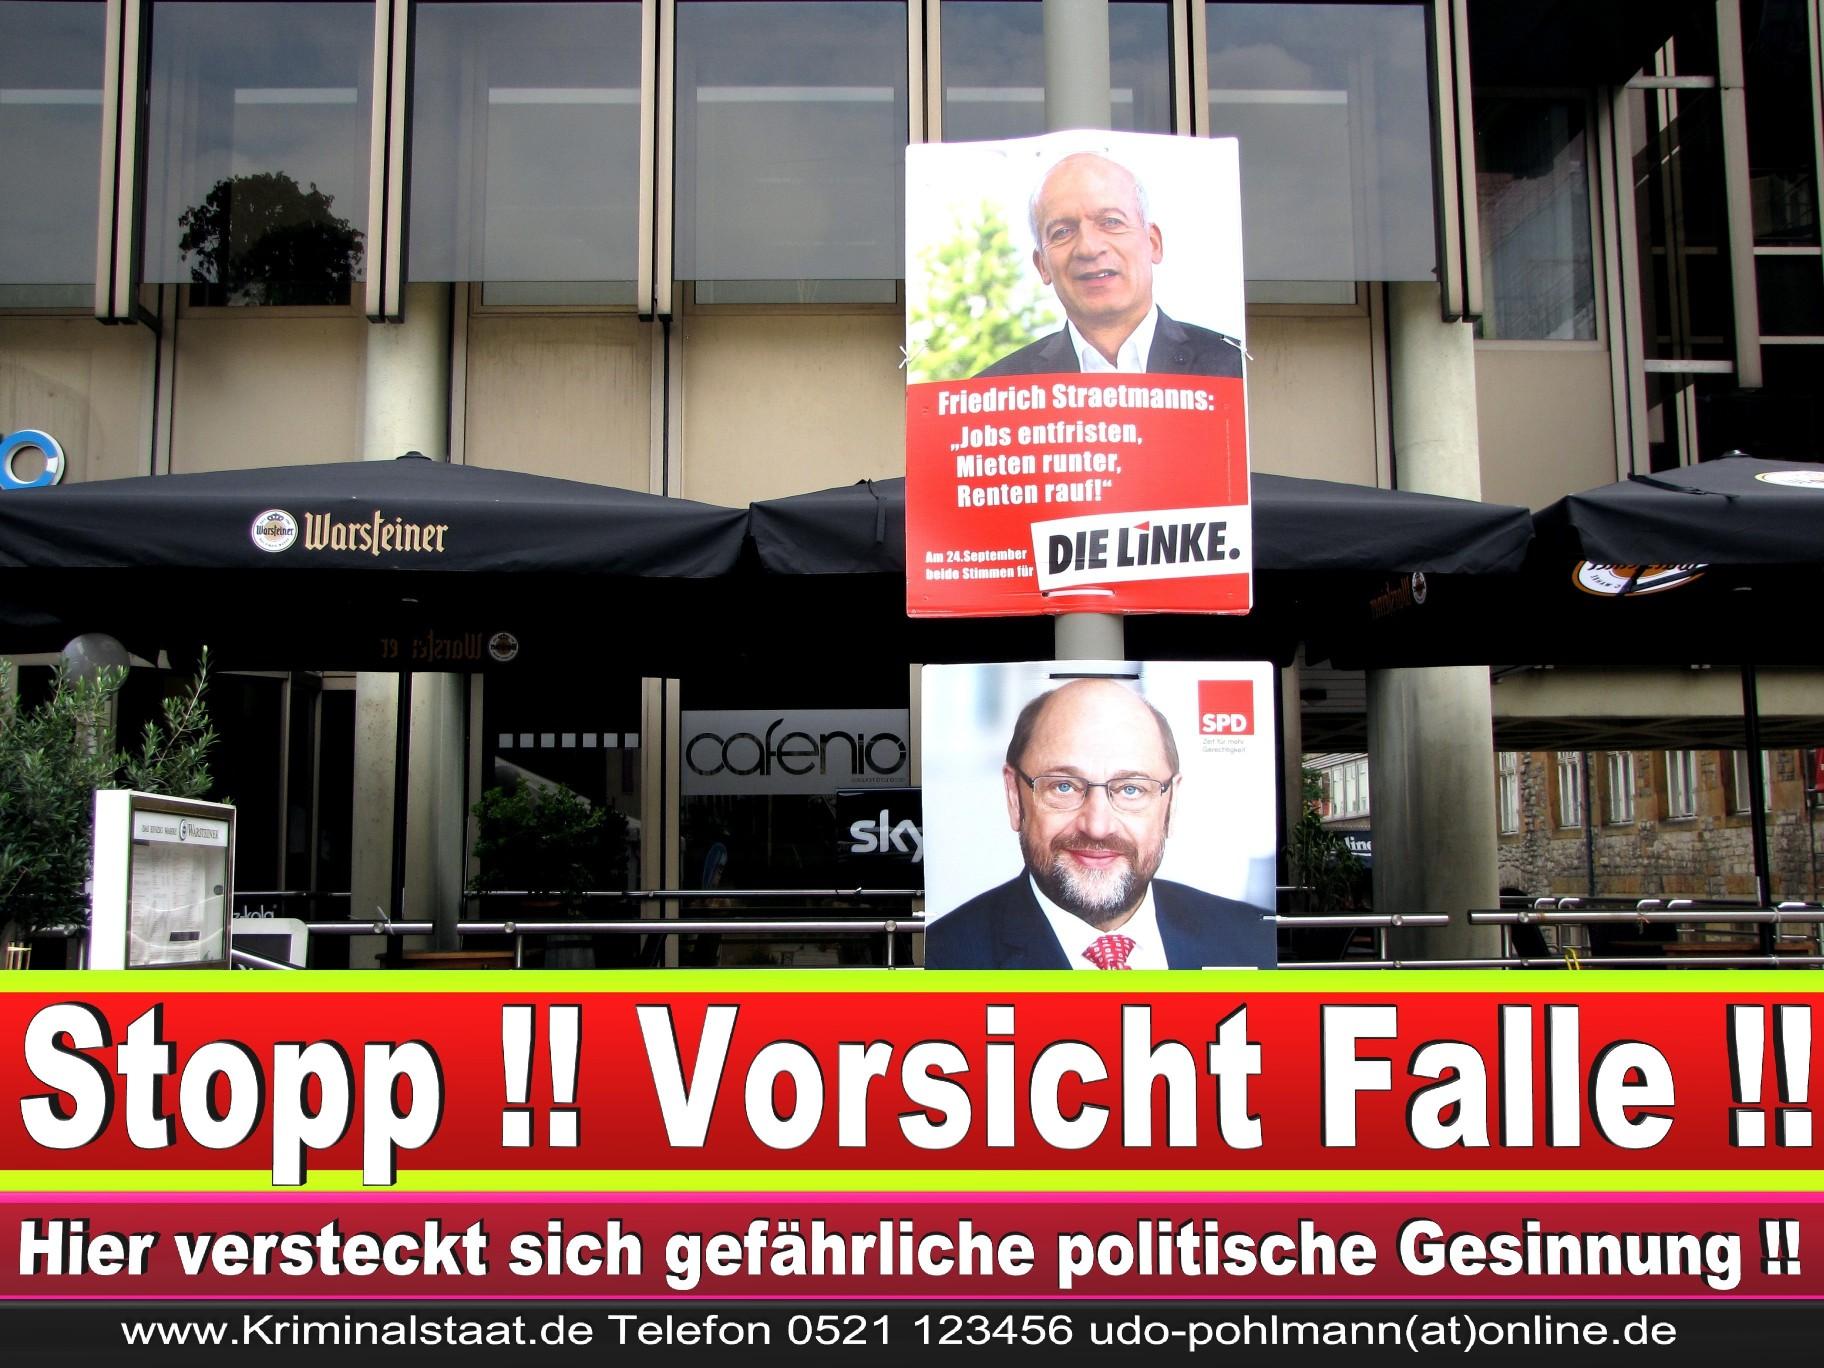 Wahlwerbung Wahlplakate Landtagswahl 2019 Europawahl CDU SPD FDP 2021 (25)